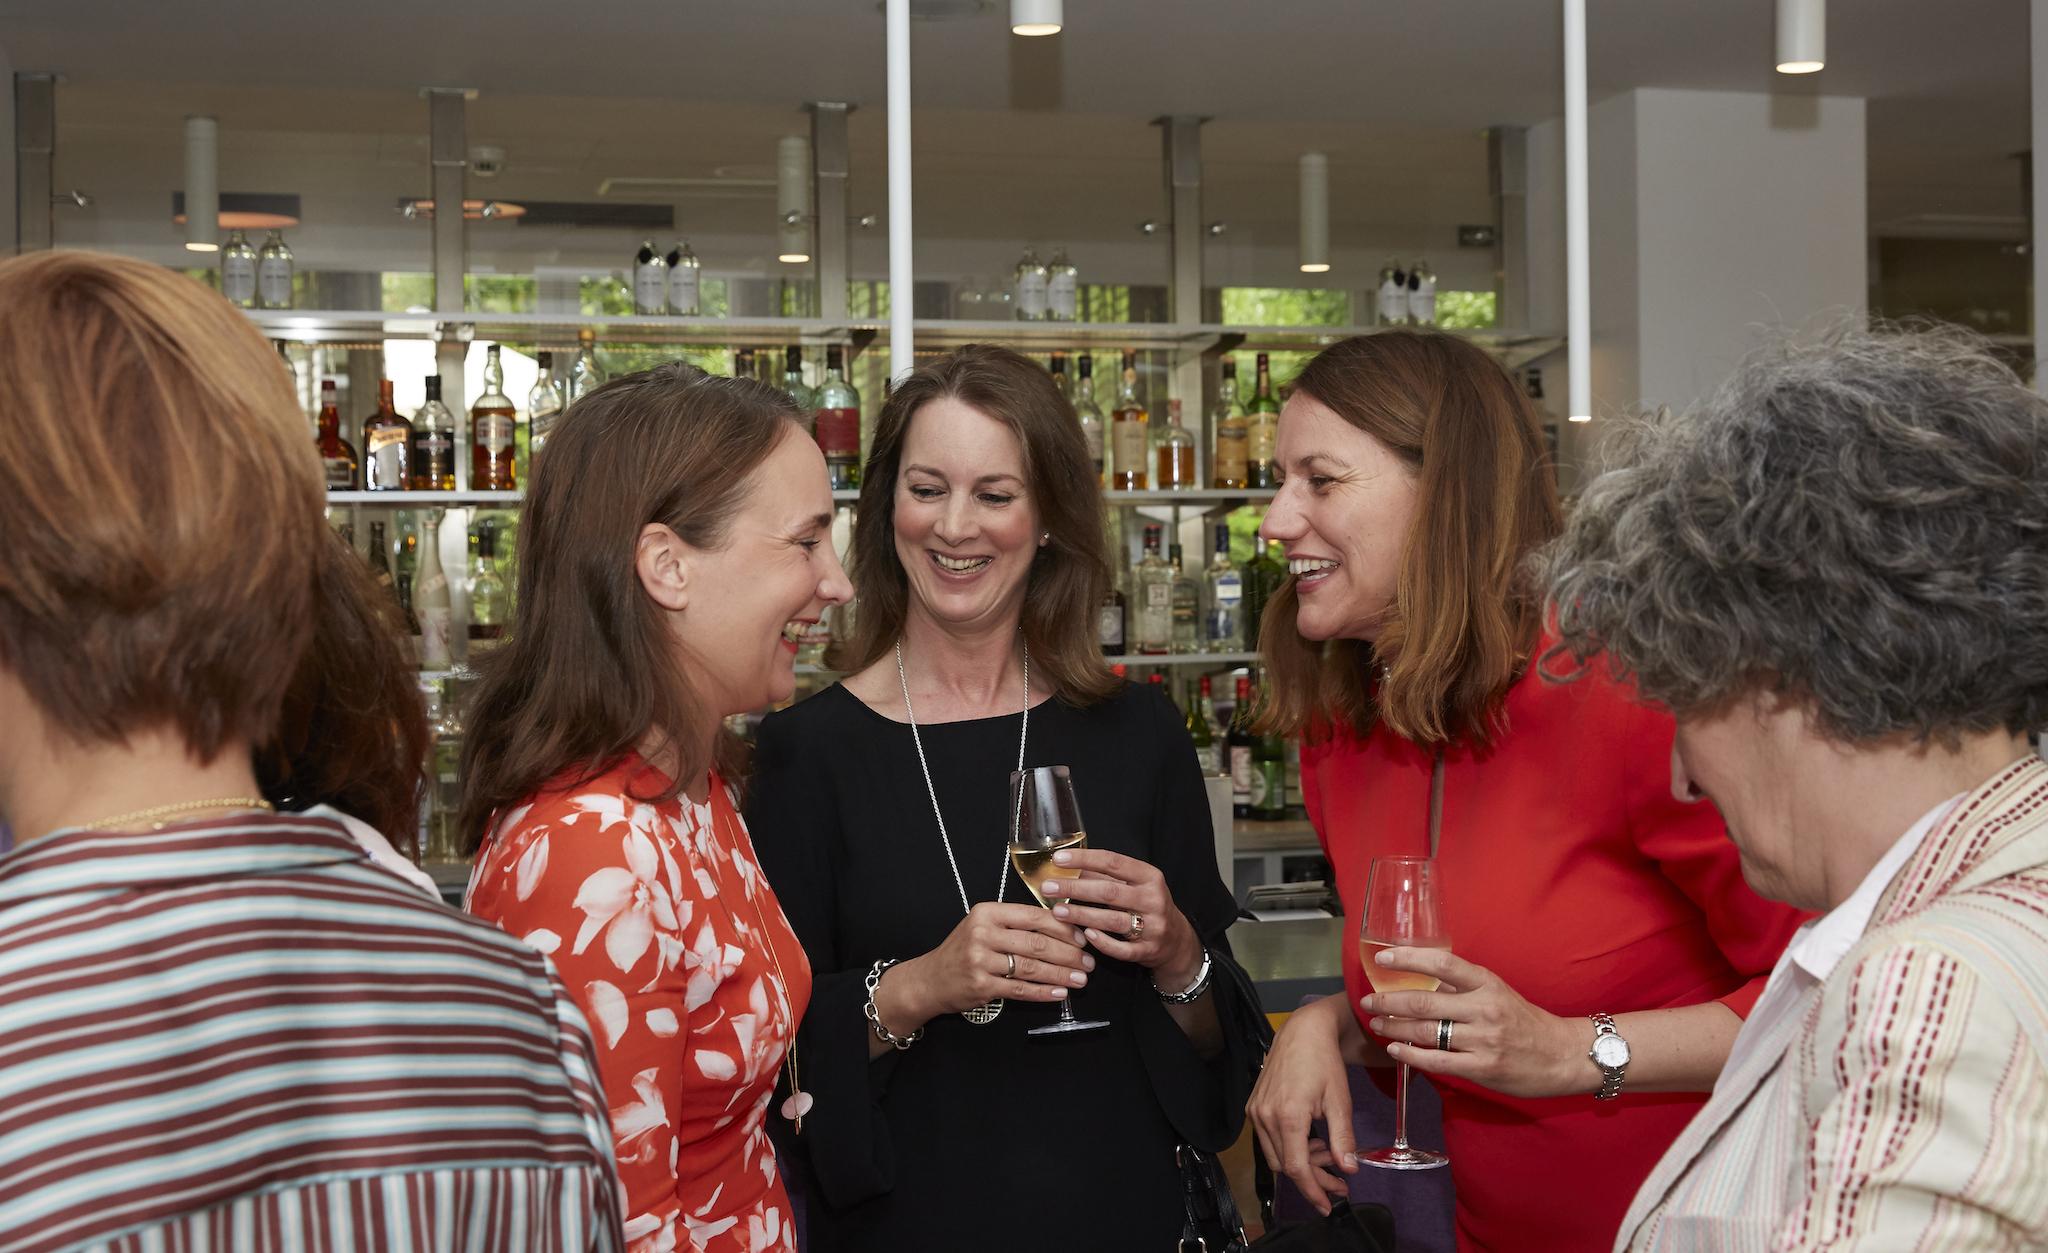 Herzwerk Ladies Lunch im Hotel Indigo, Hotel Indigo Hotel, Fashion Hotel Düsseldorf, Katja Schnabel Hoteldirektorin, Britta Gries, Sabine Hansen, Lifestyle-Blog, Lieblingsstil.com,